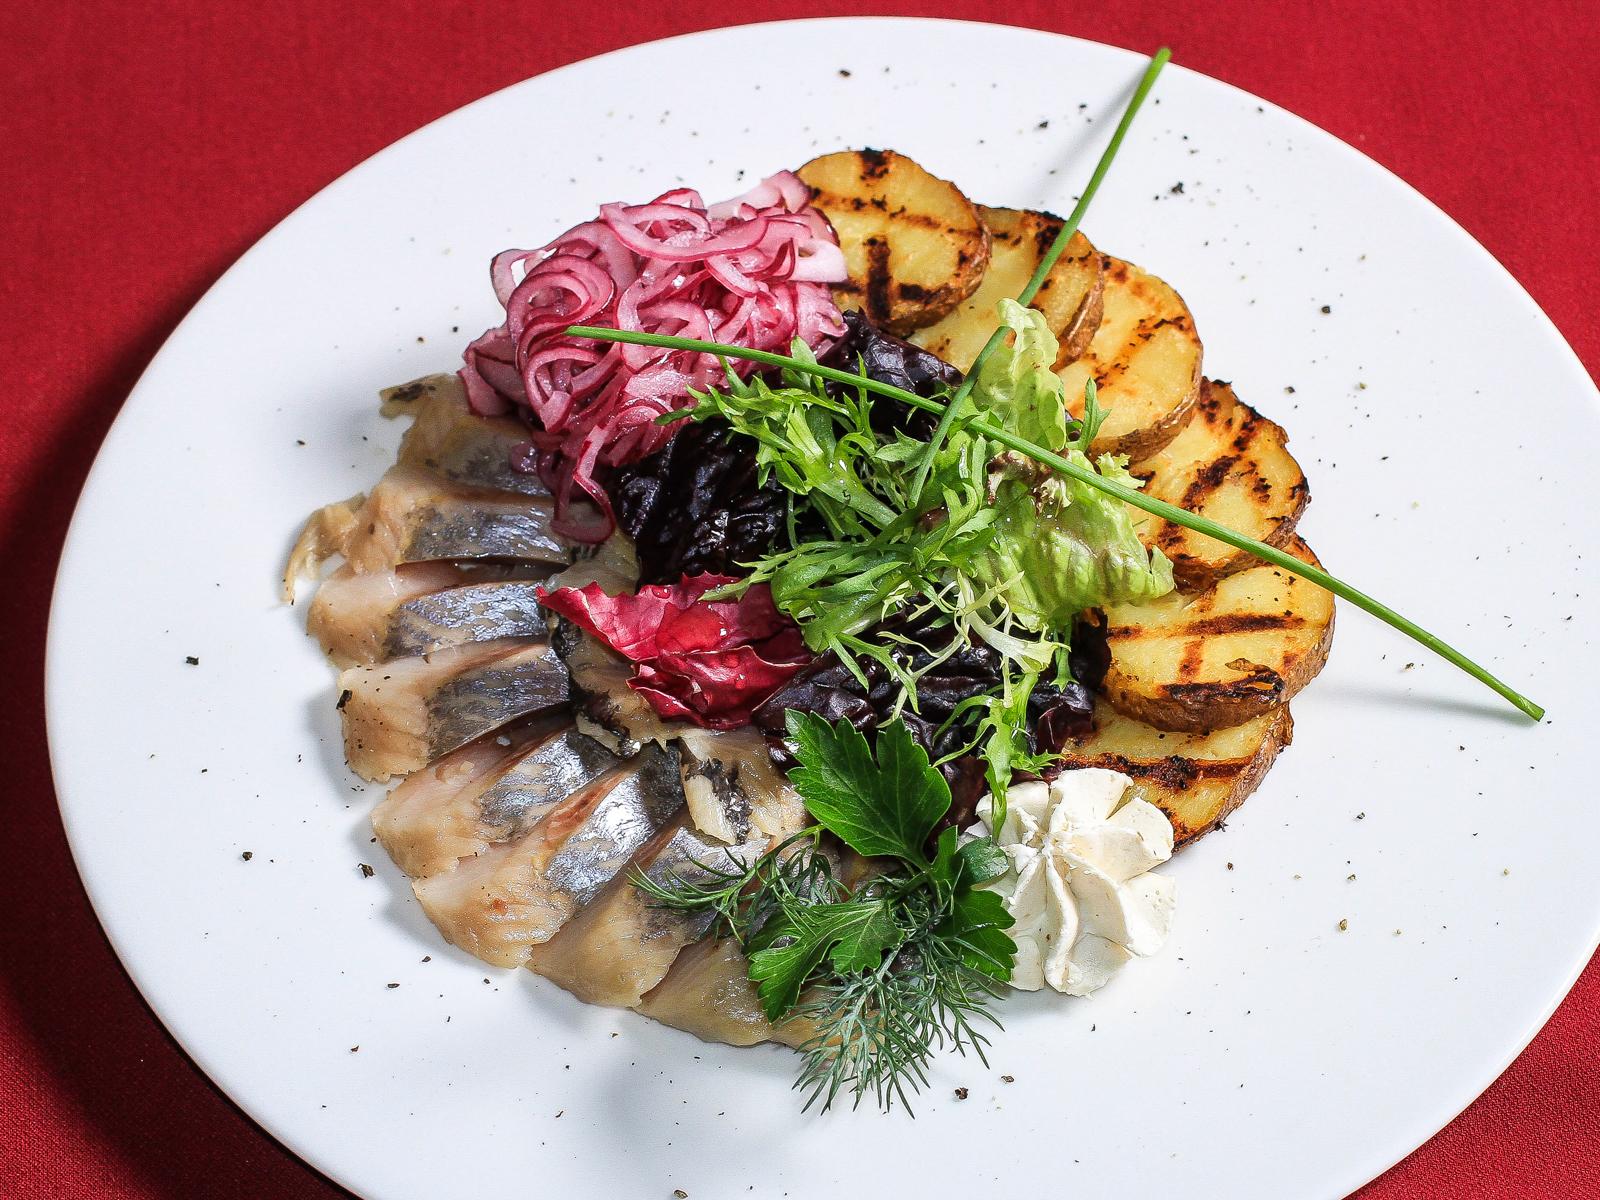 Сельдь пряного посола с картофелем-гриль